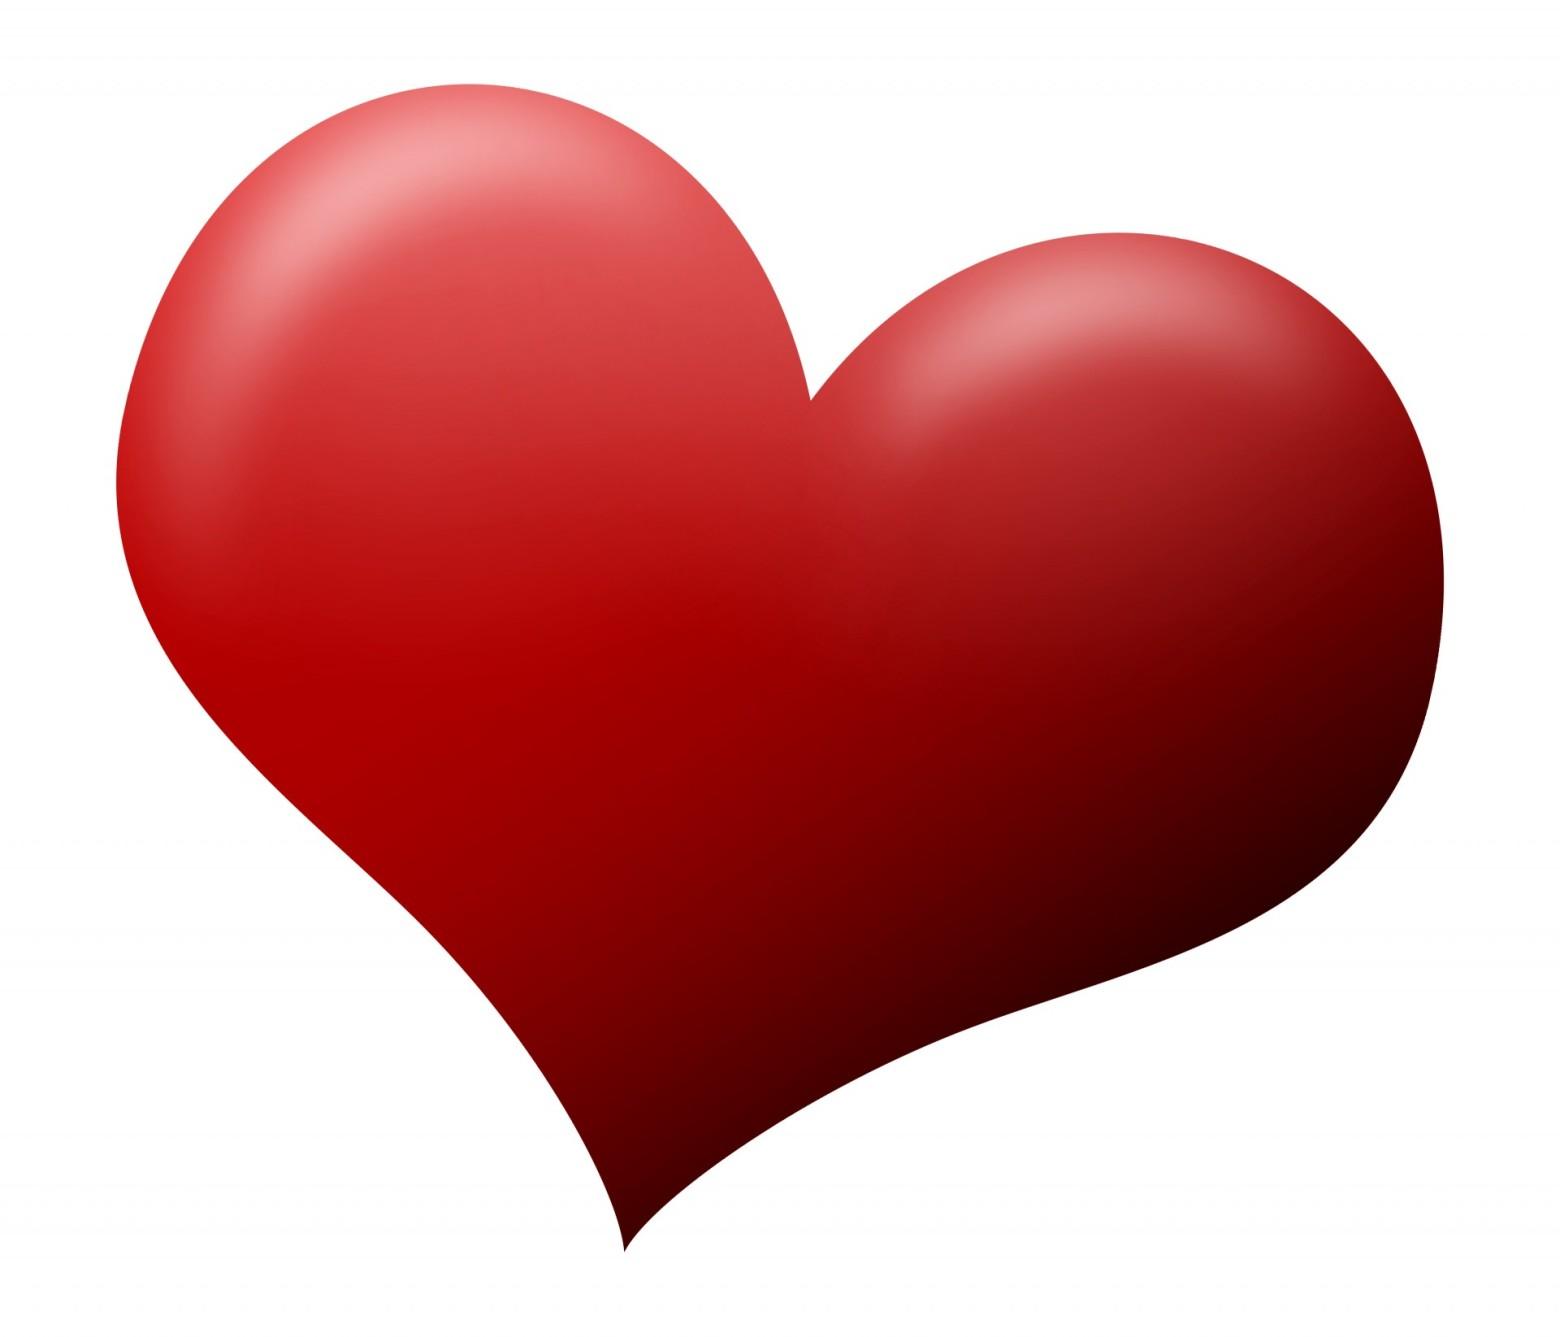 3d coeur sur un fond blanc images gratuites et libres de - Images coeur gratuites ...